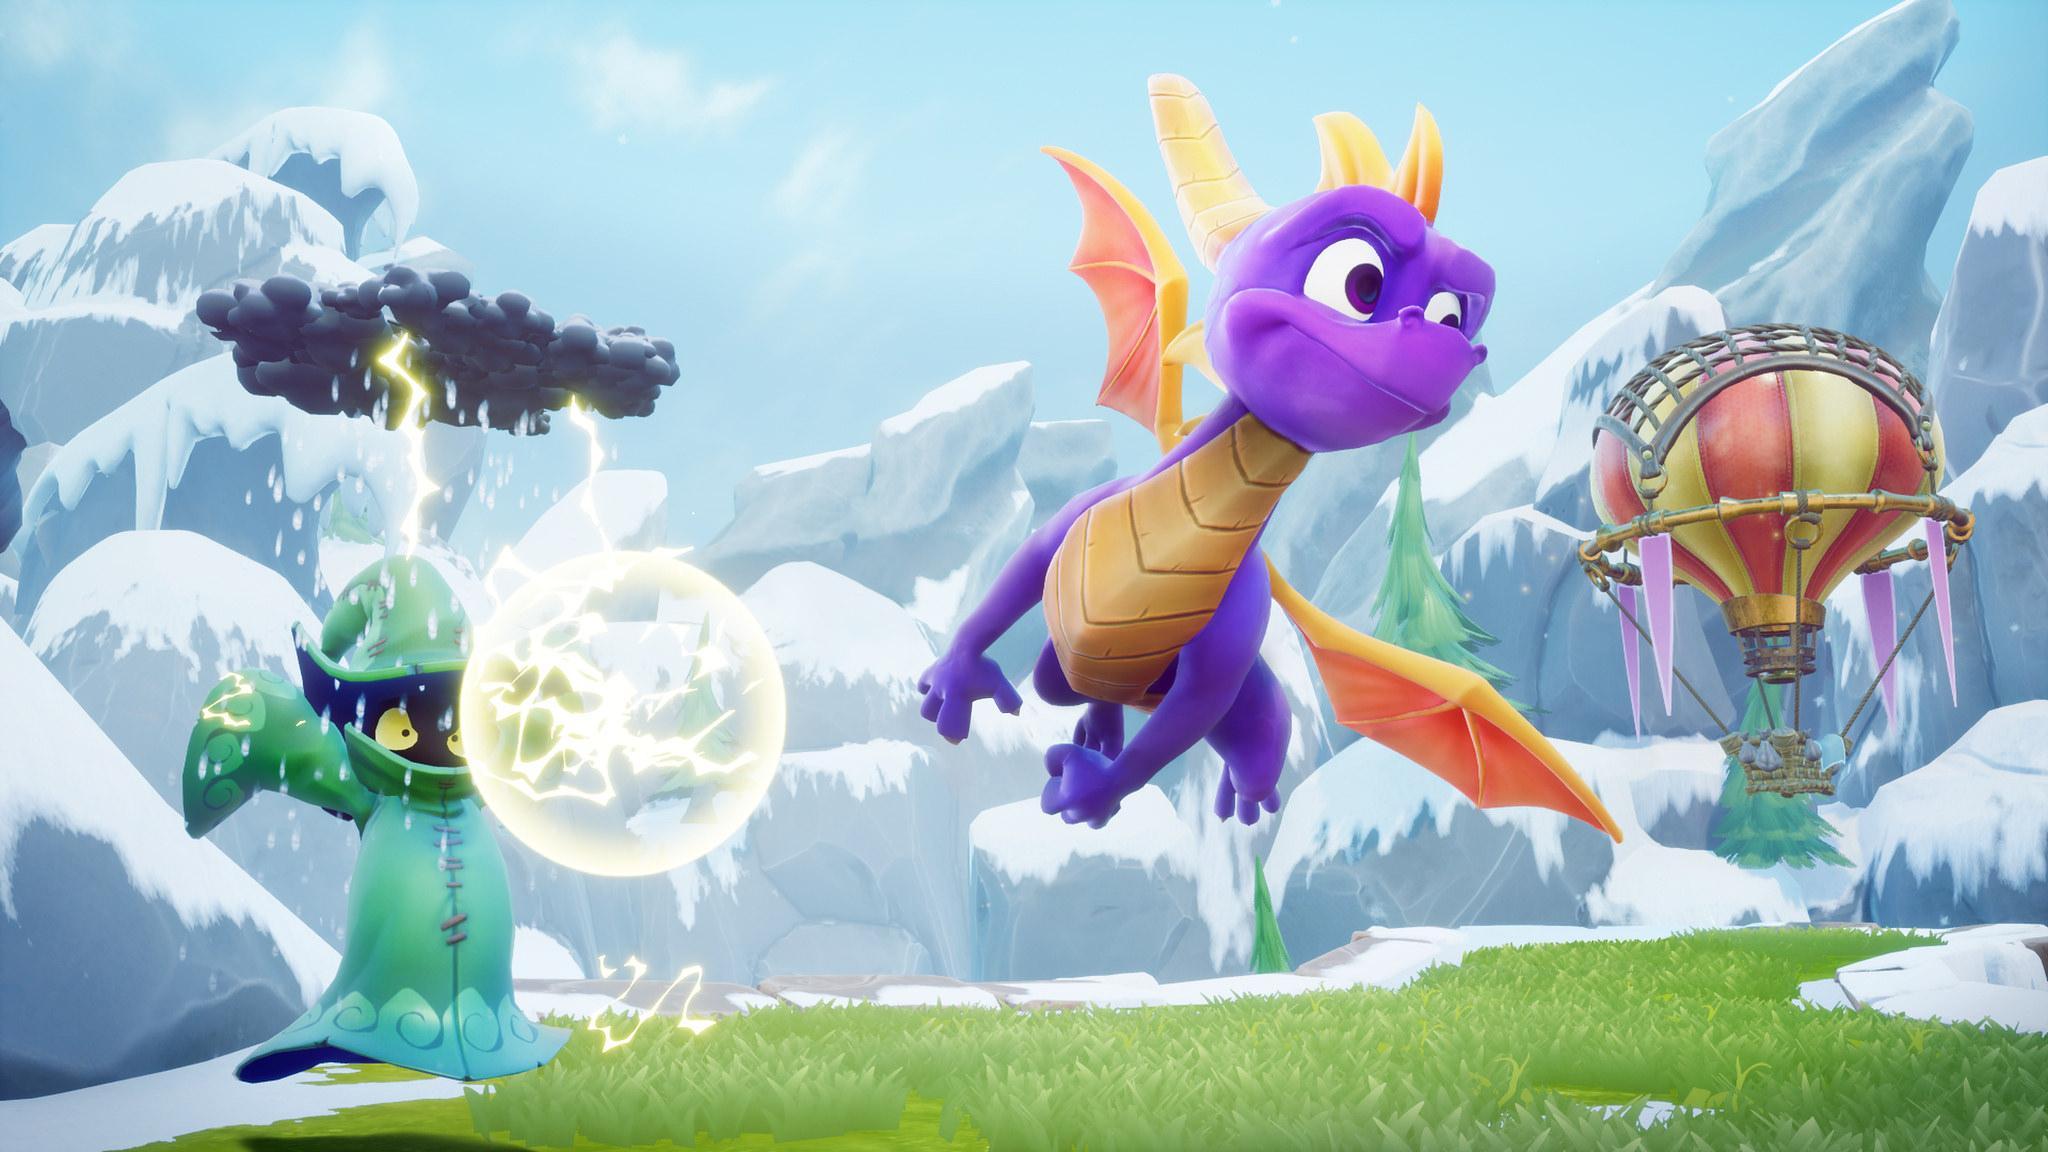 Profitez de 15 secondes entières de jeu Spyro Reignited